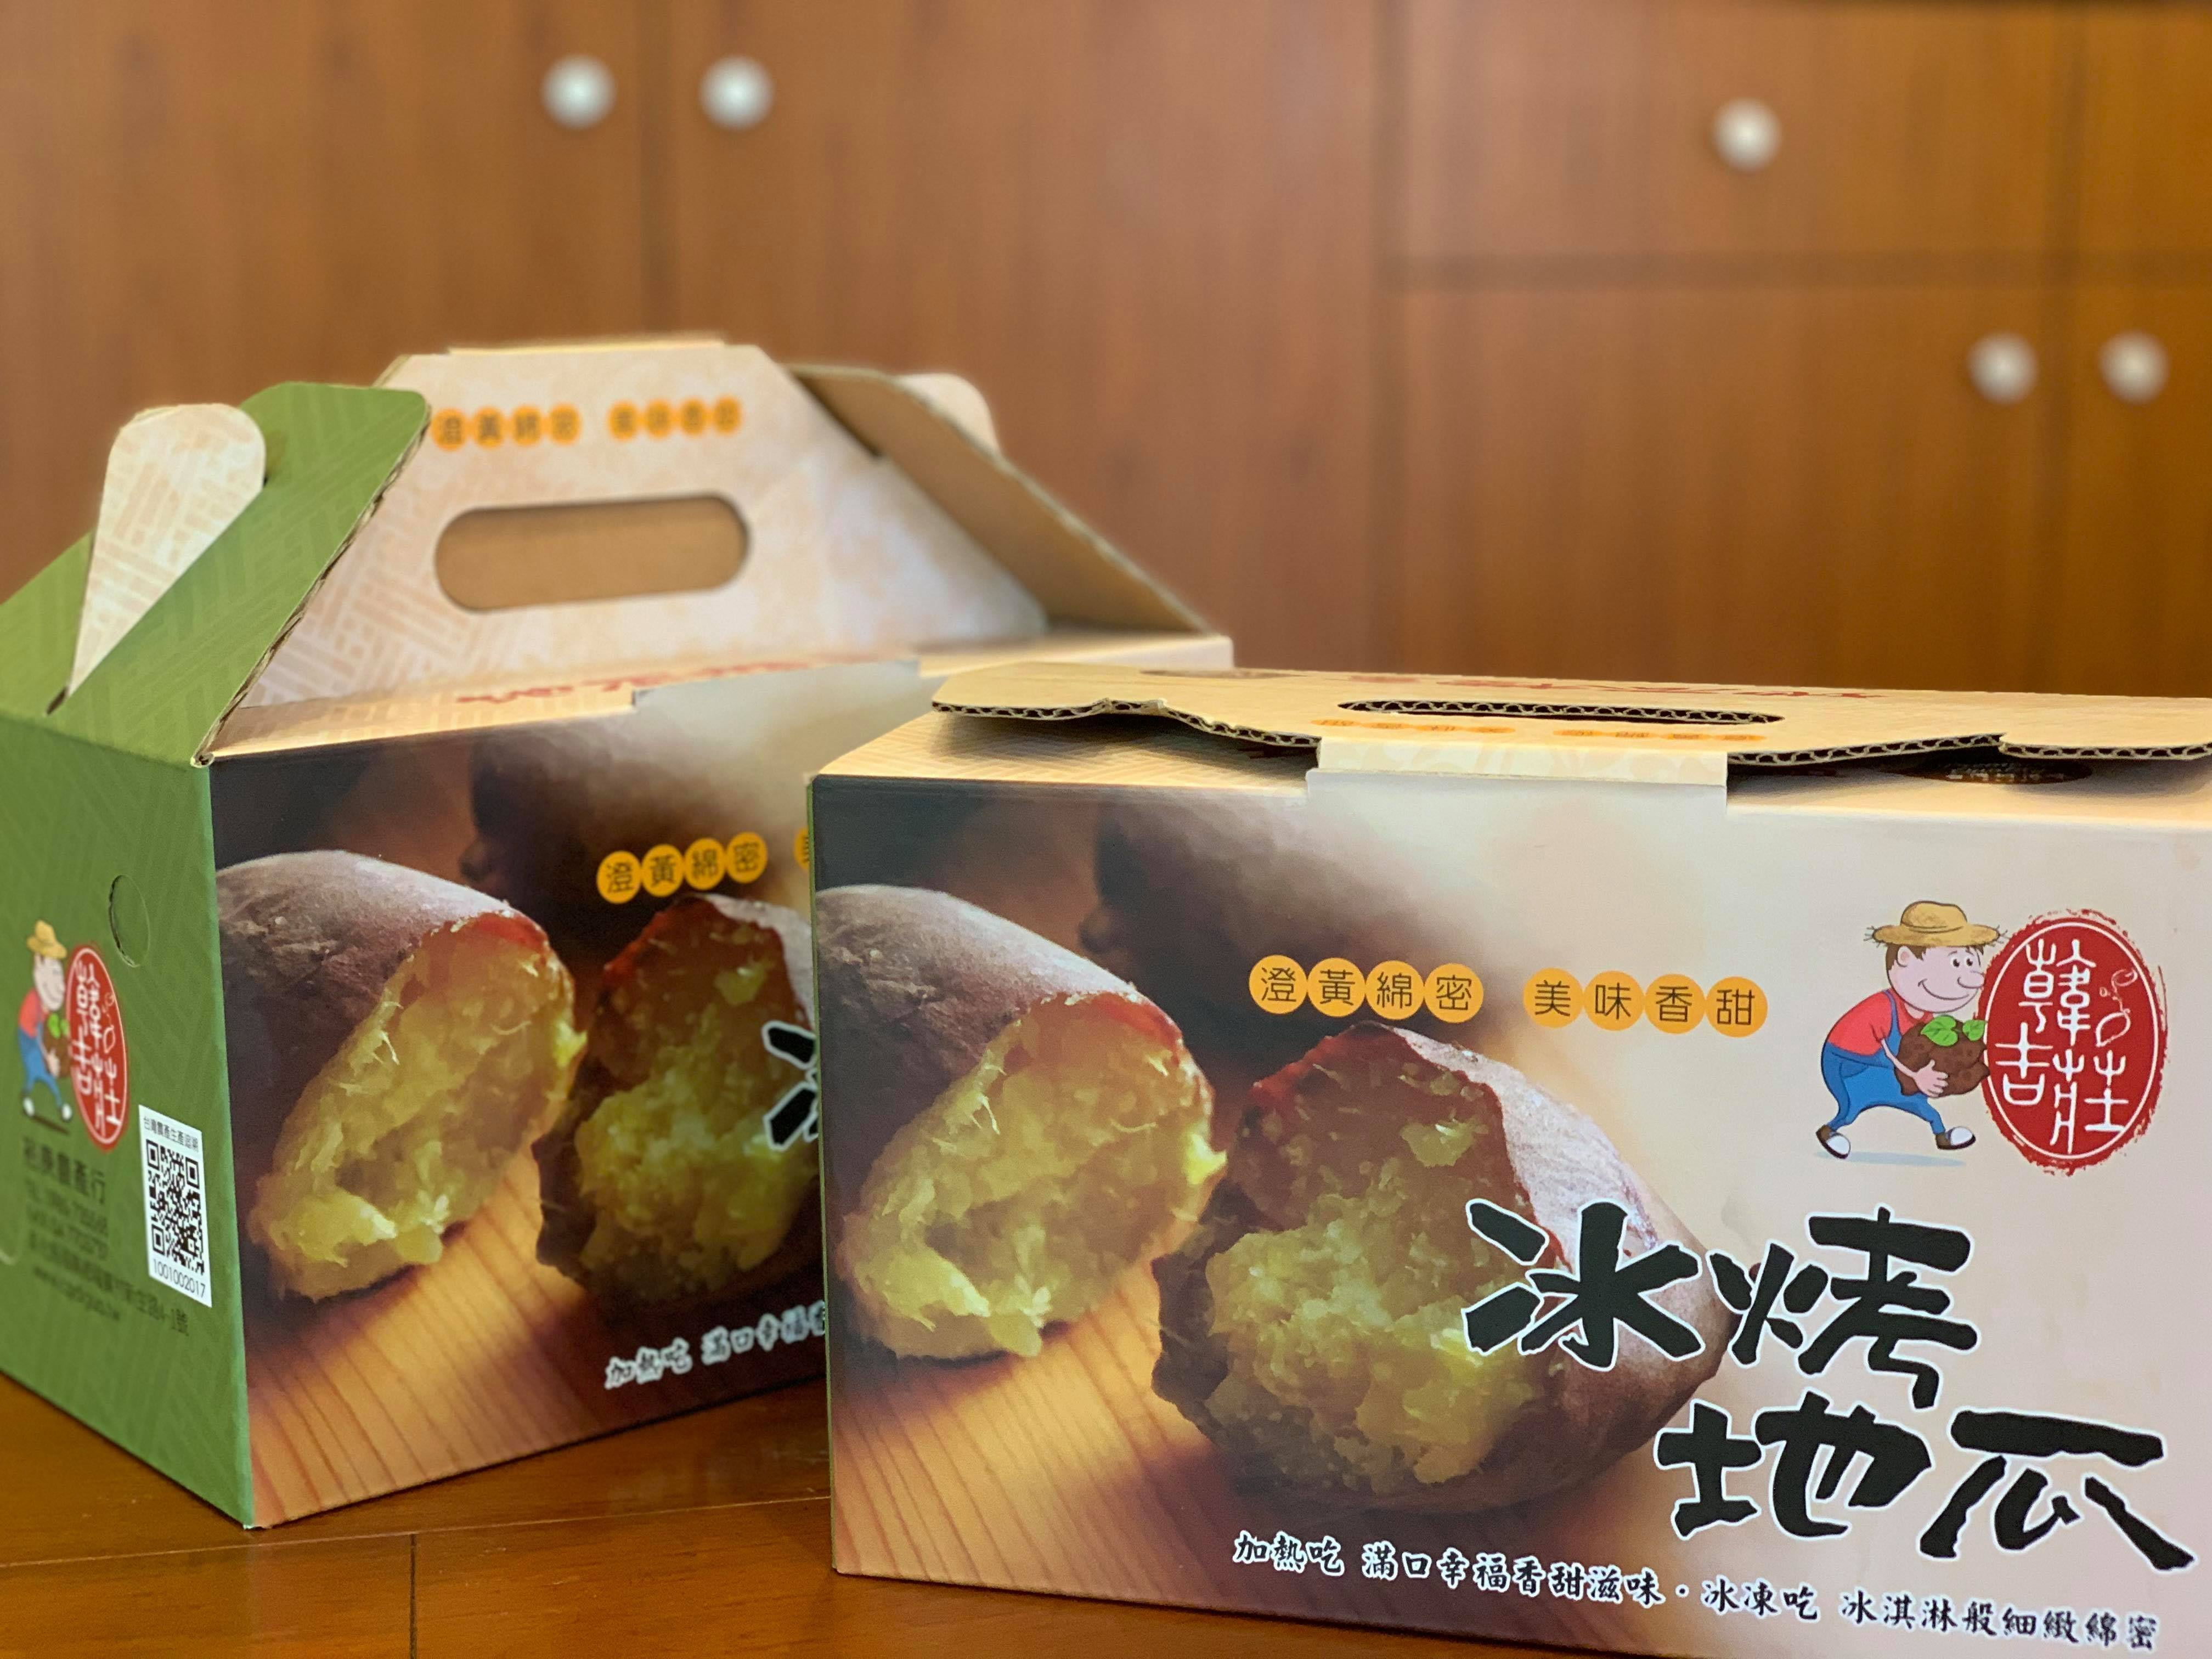 冰烤地瓜禮盒*3